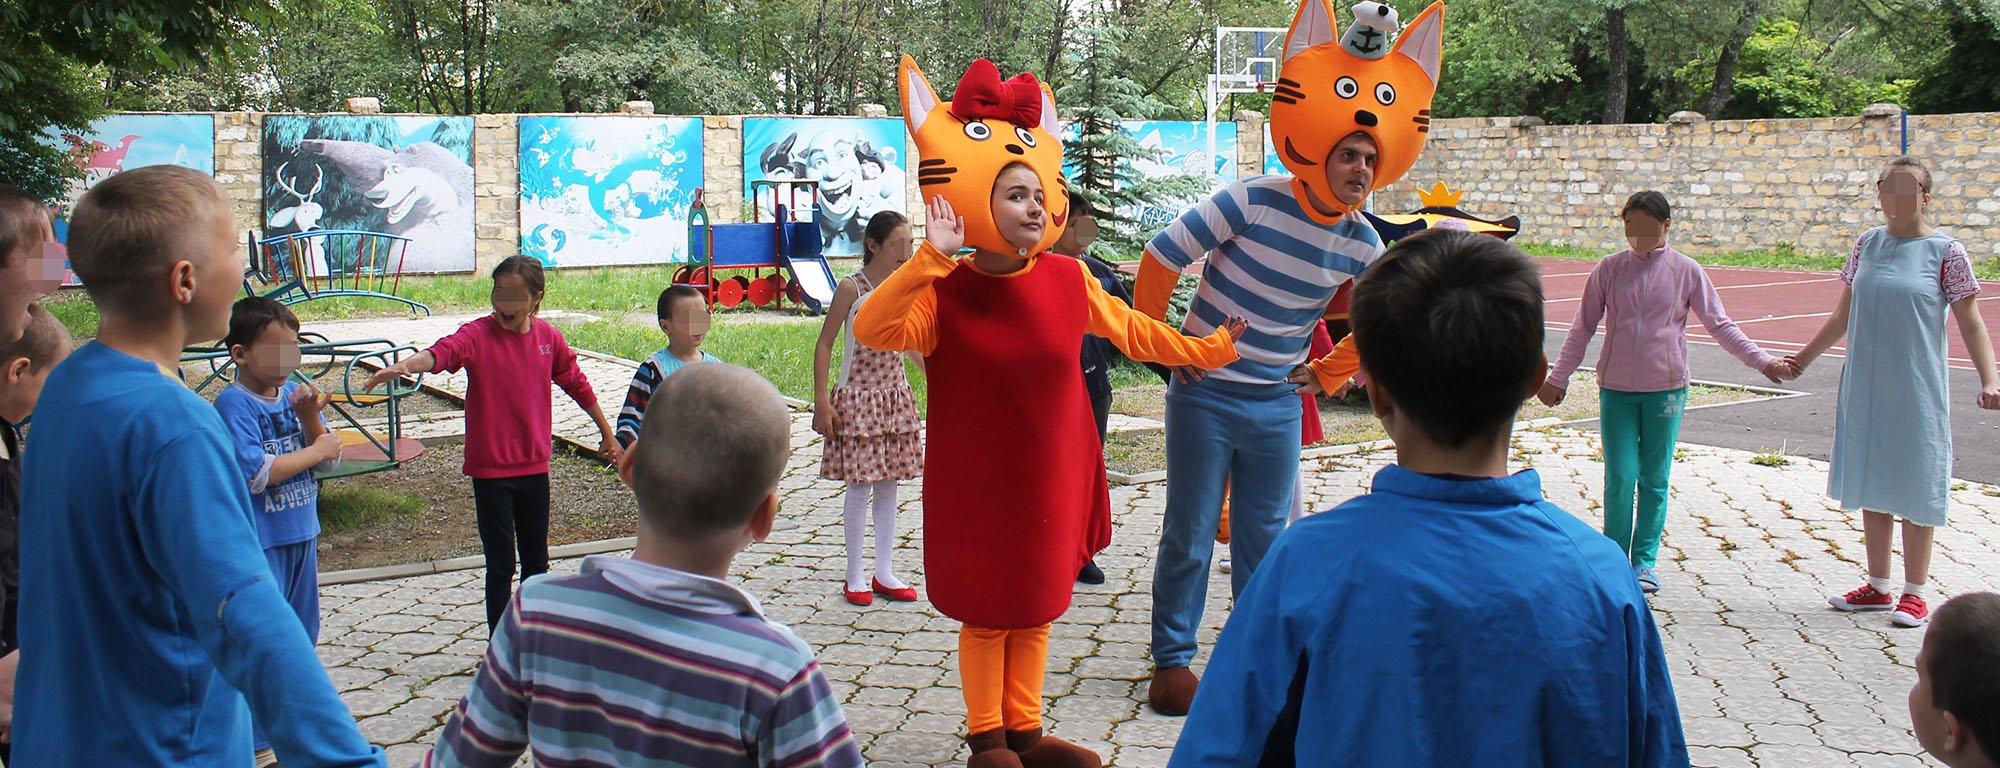 Аниматоры устроили праздник детям-пациентам